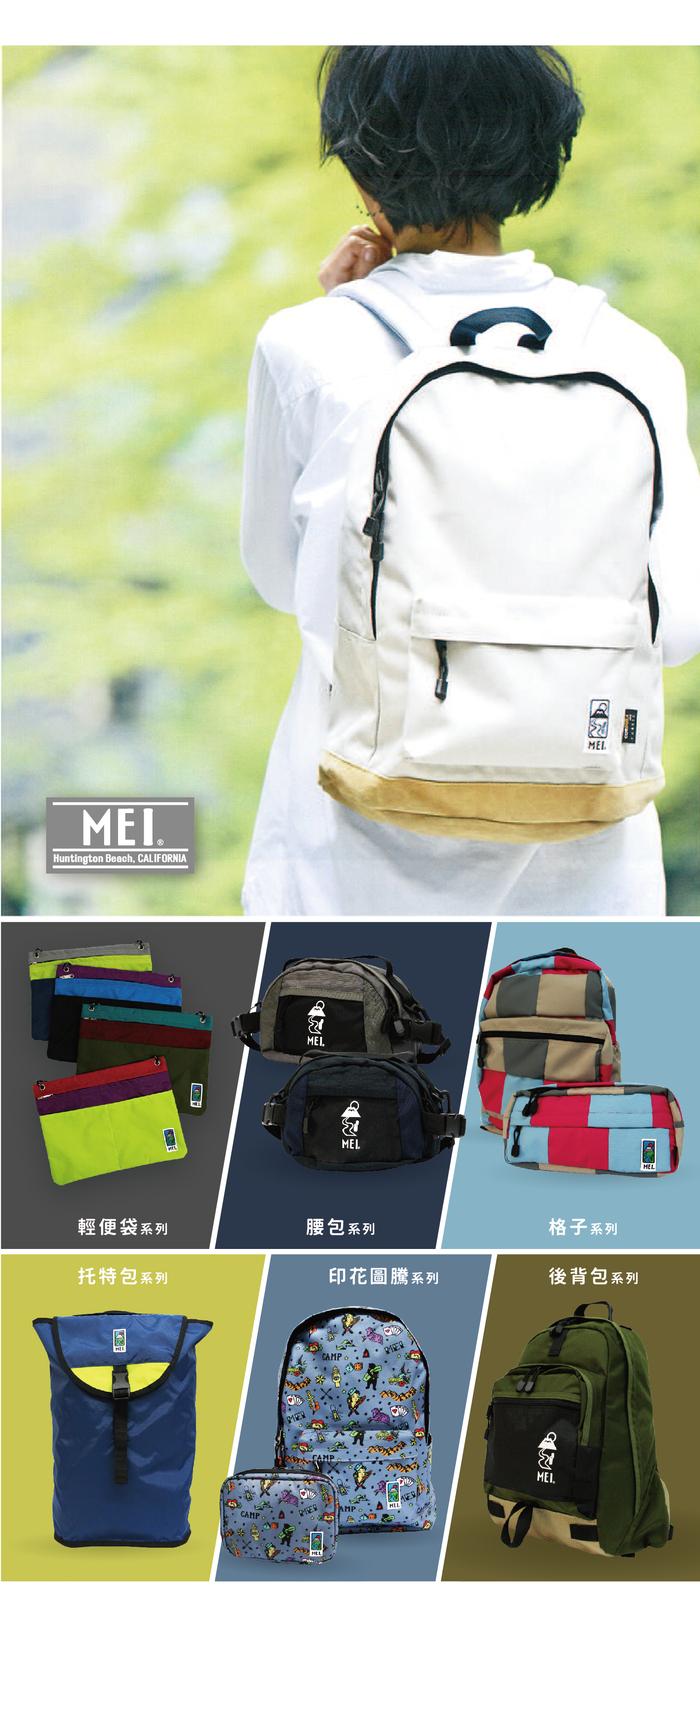 (複製)MEI|背包托特兩用雙面包 橄欖綠